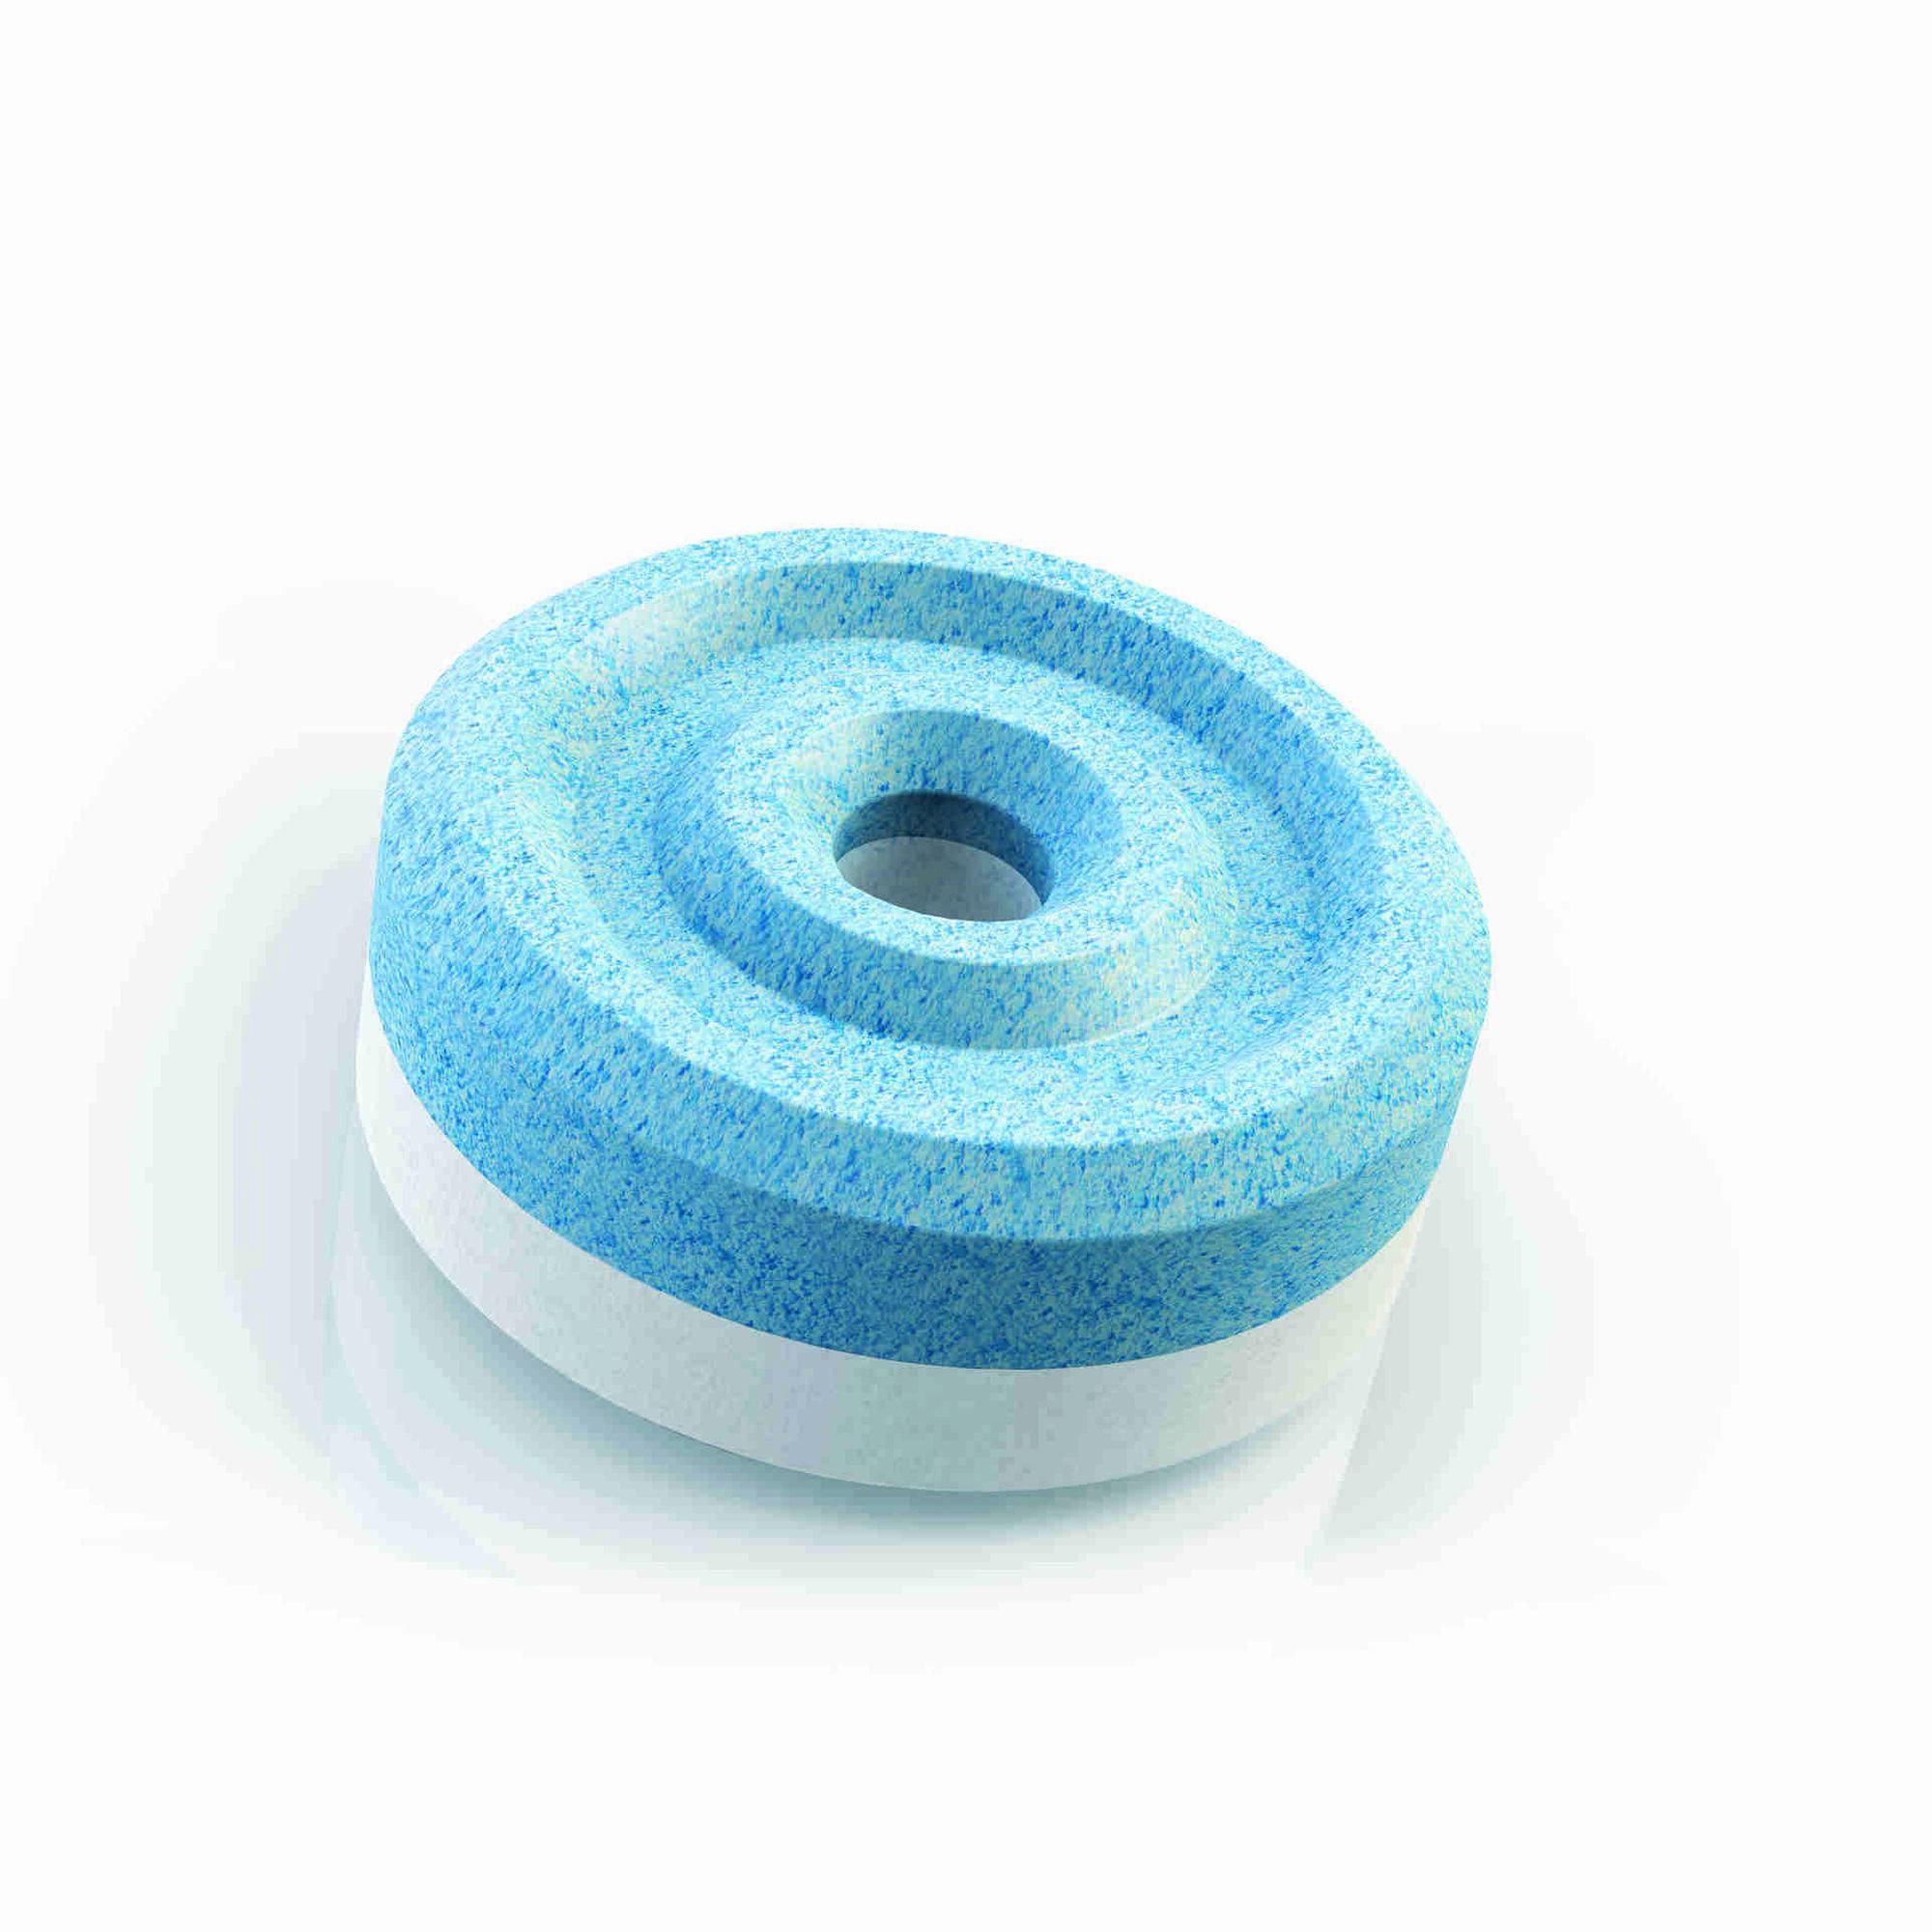 Recarga Desumidificador Inodora Aero 360° 450g